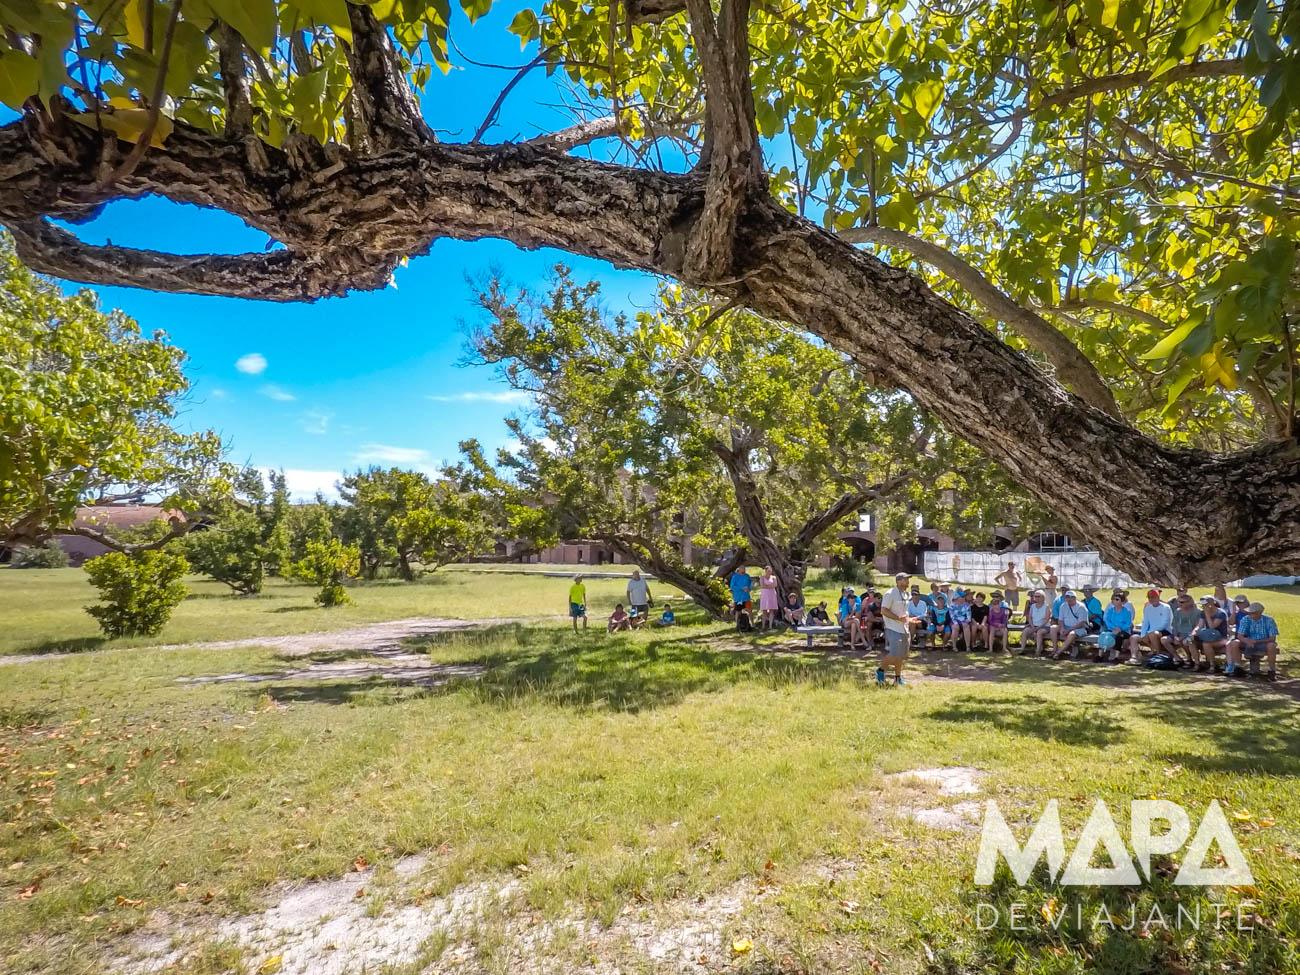 Dry Tortuga Key West Mapa de Viajante